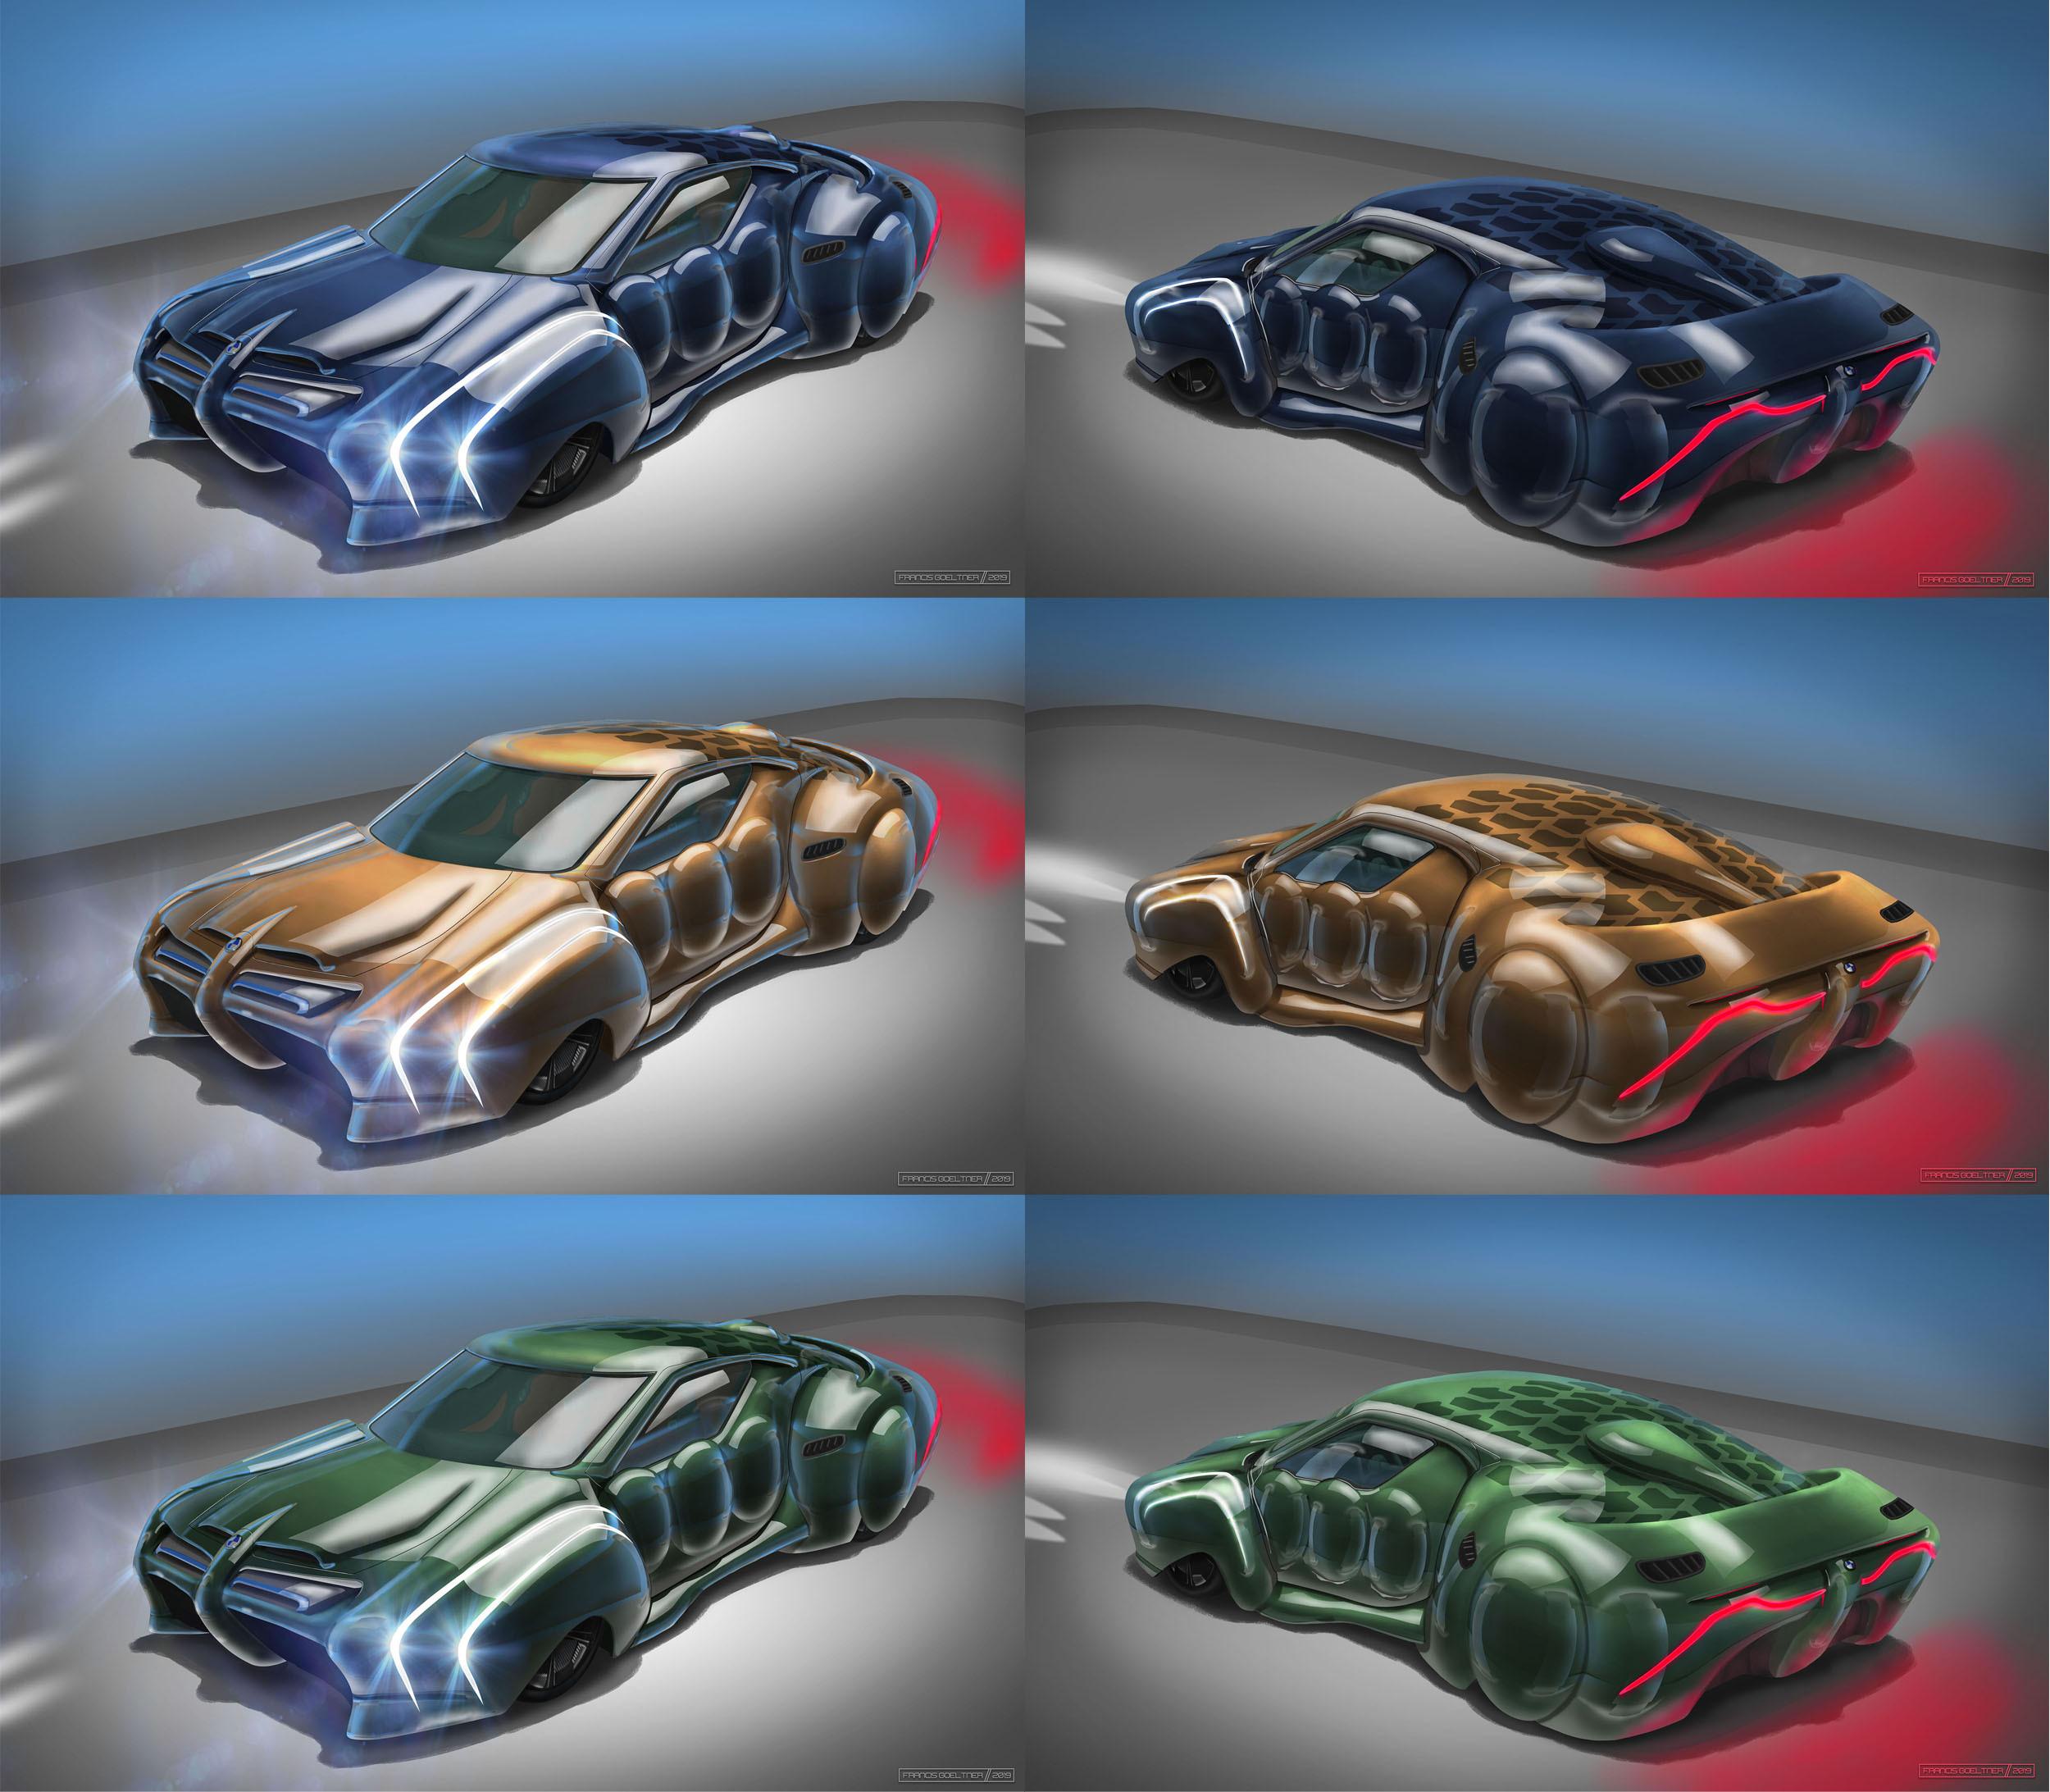 Market Forces - BMW Omega Series - Front - Color Variations